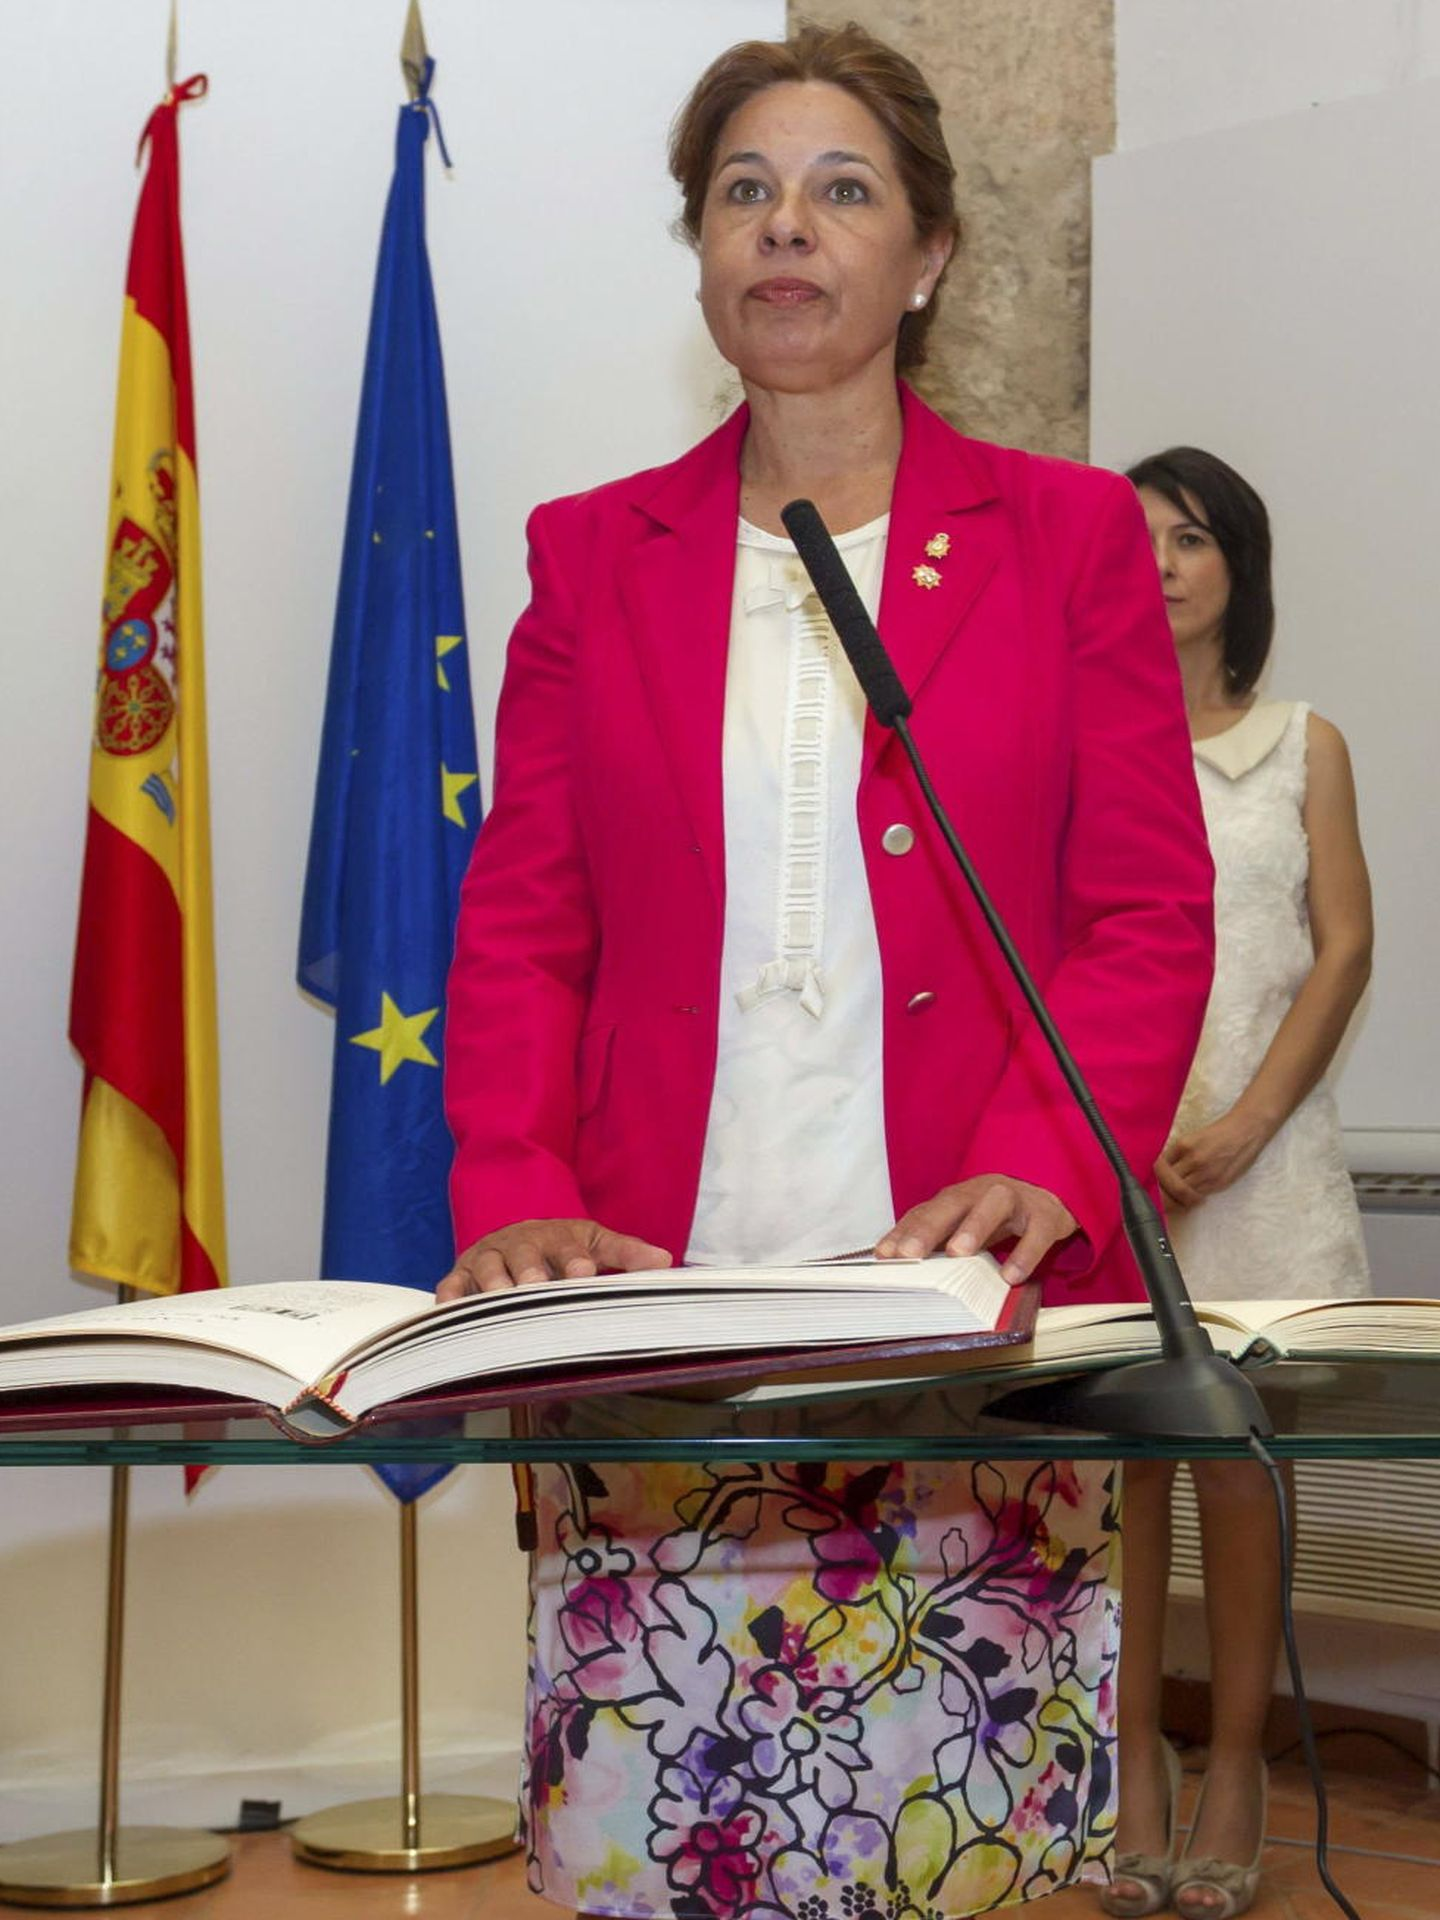 La consejera de Administración Pública y Hacienda de la Junta de Extremadura, Pilar Blanco Morales. (EFE)